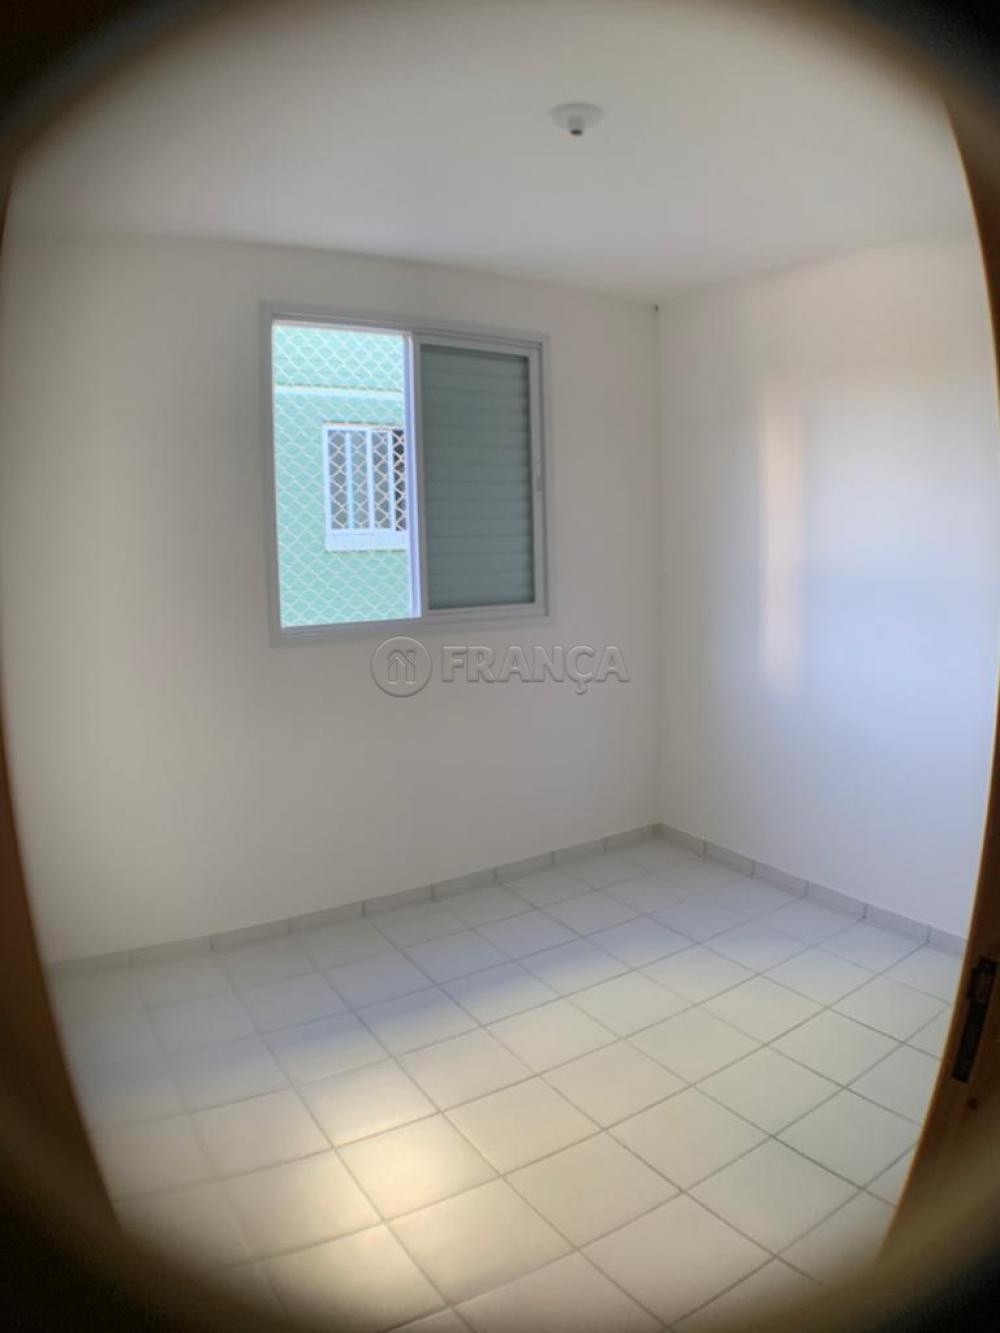 Alugar Apartamento / Padrão em Jacareí apenas R$ 700,00 - Foto 10